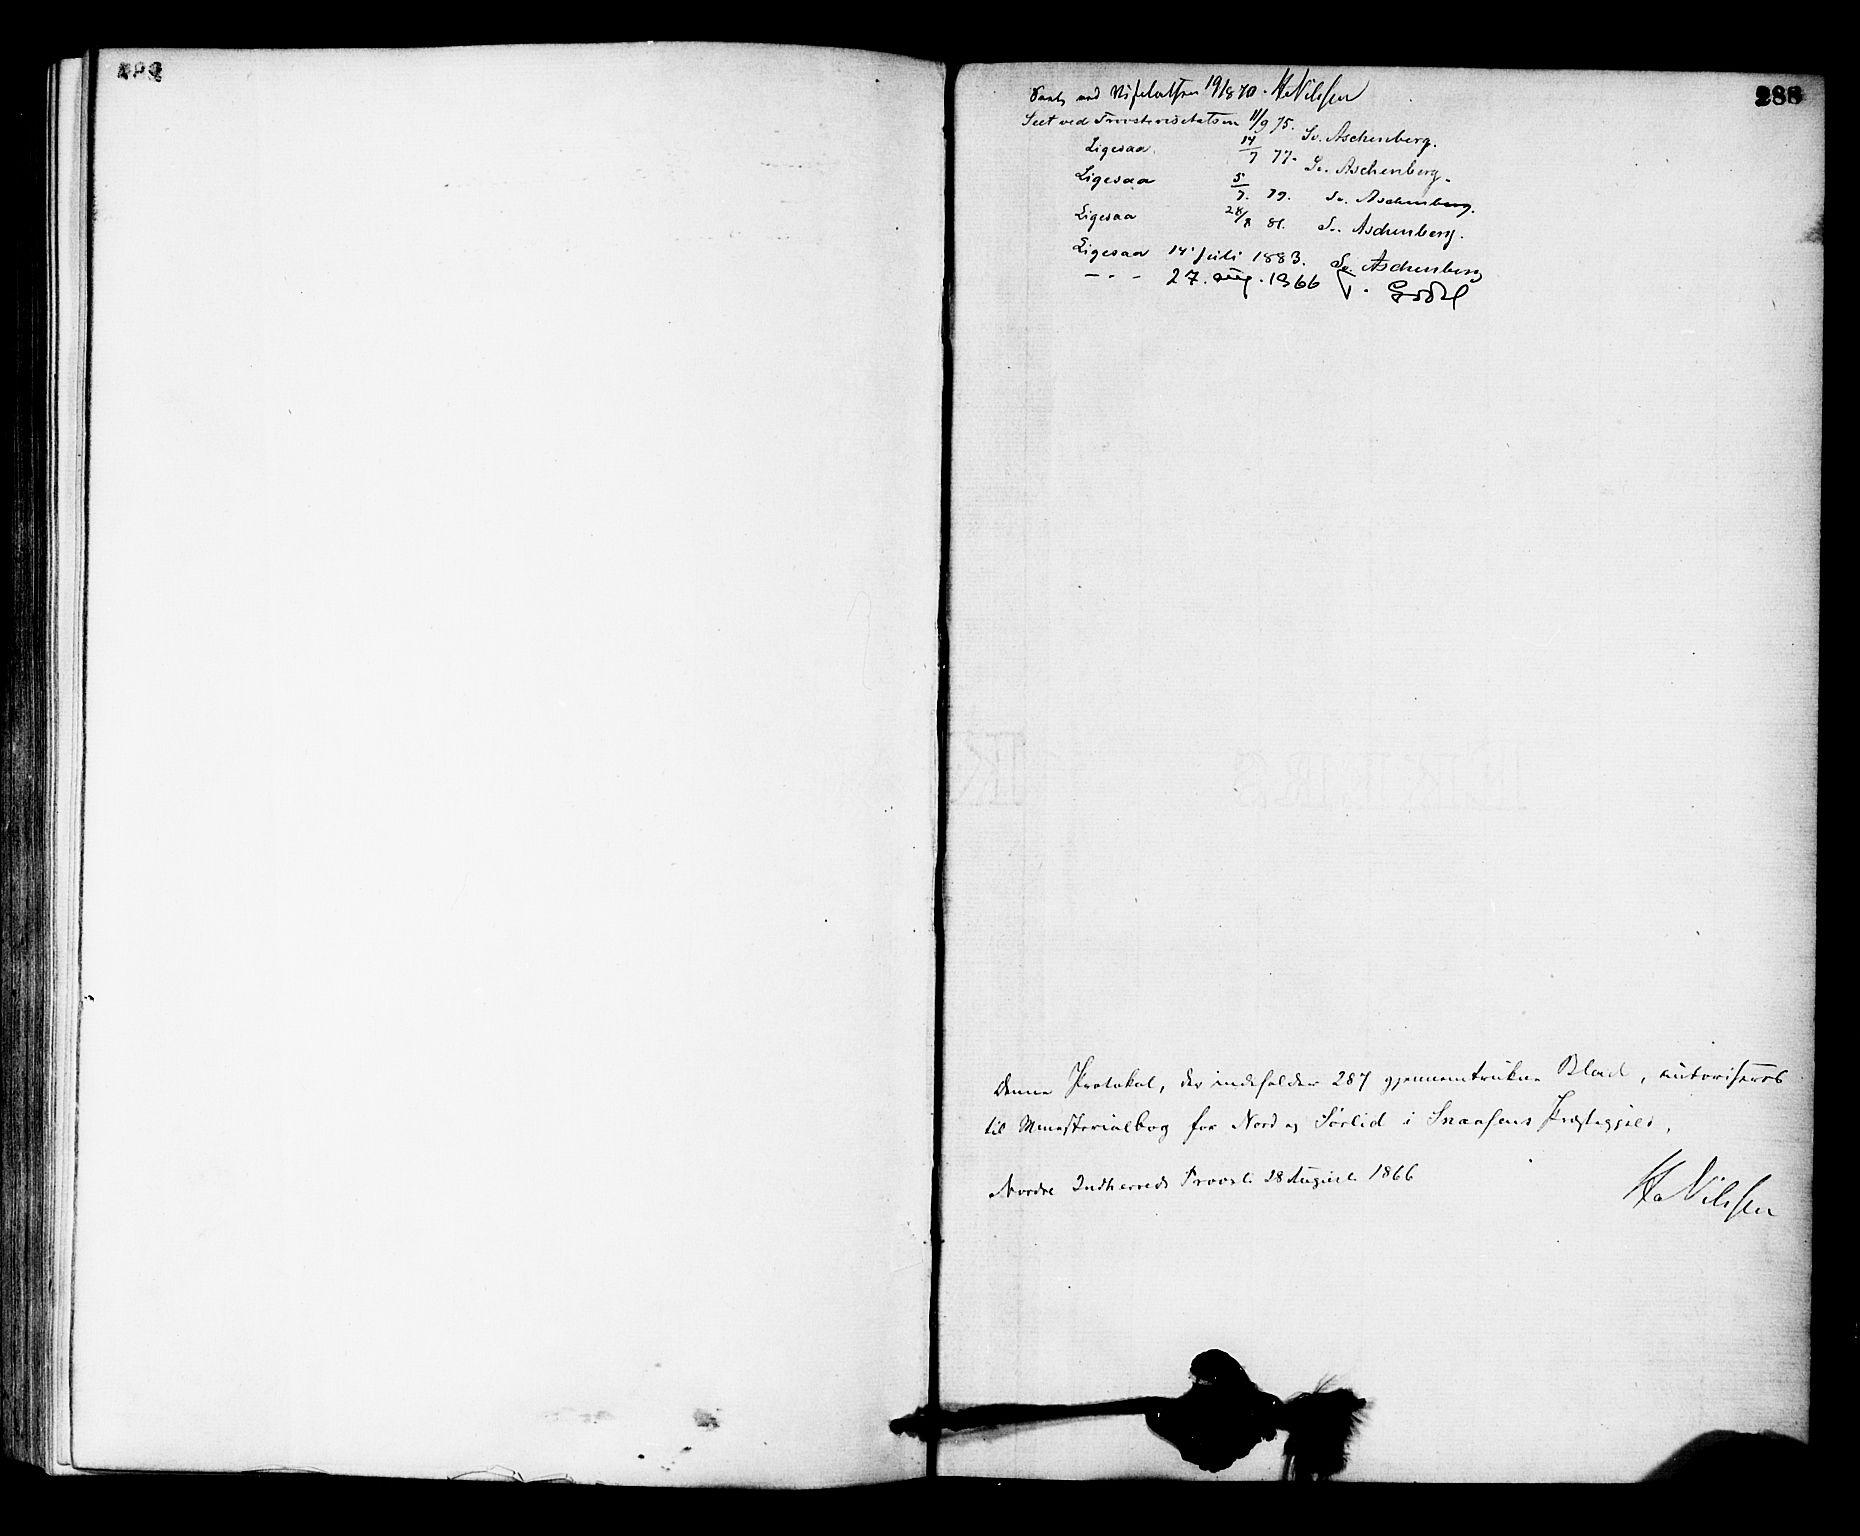 SAT, Ministerialprotokoller, klokkerbøker og fødselsregistre - Nord-Trøndelag, 755/L0493: Ministerialbok nr. 755A02, 1865-1881, s. 288